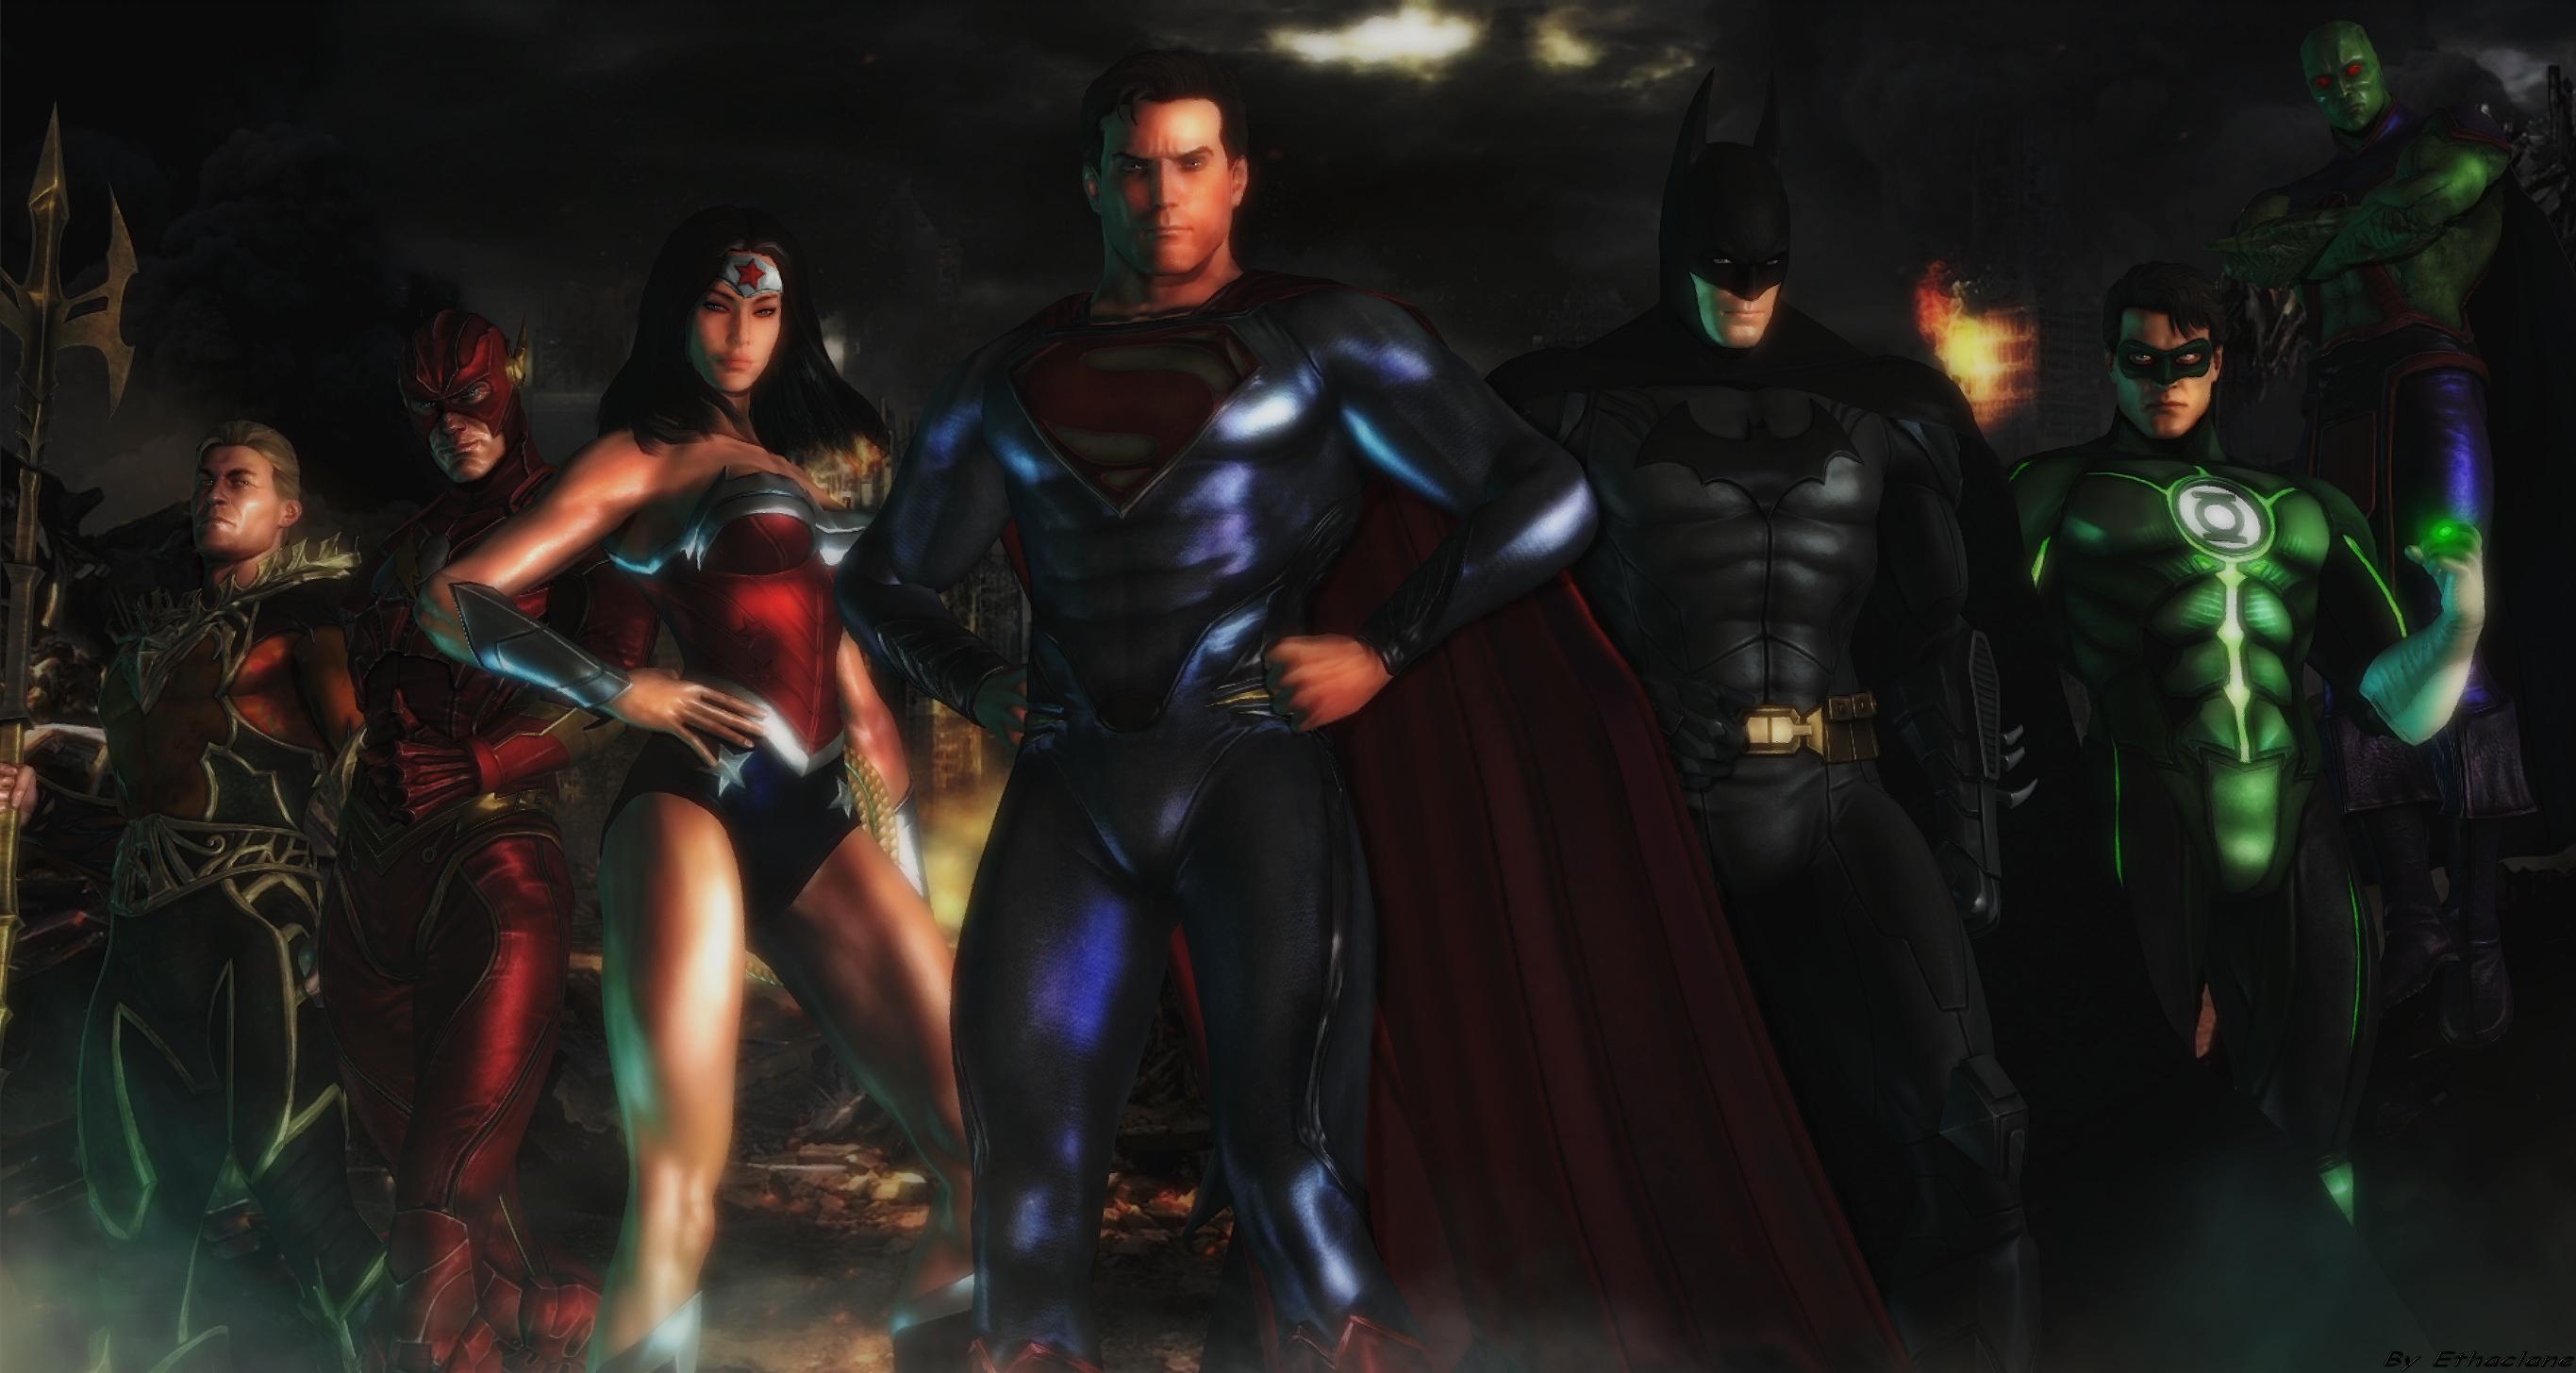 superman wallpaper hd 1080p